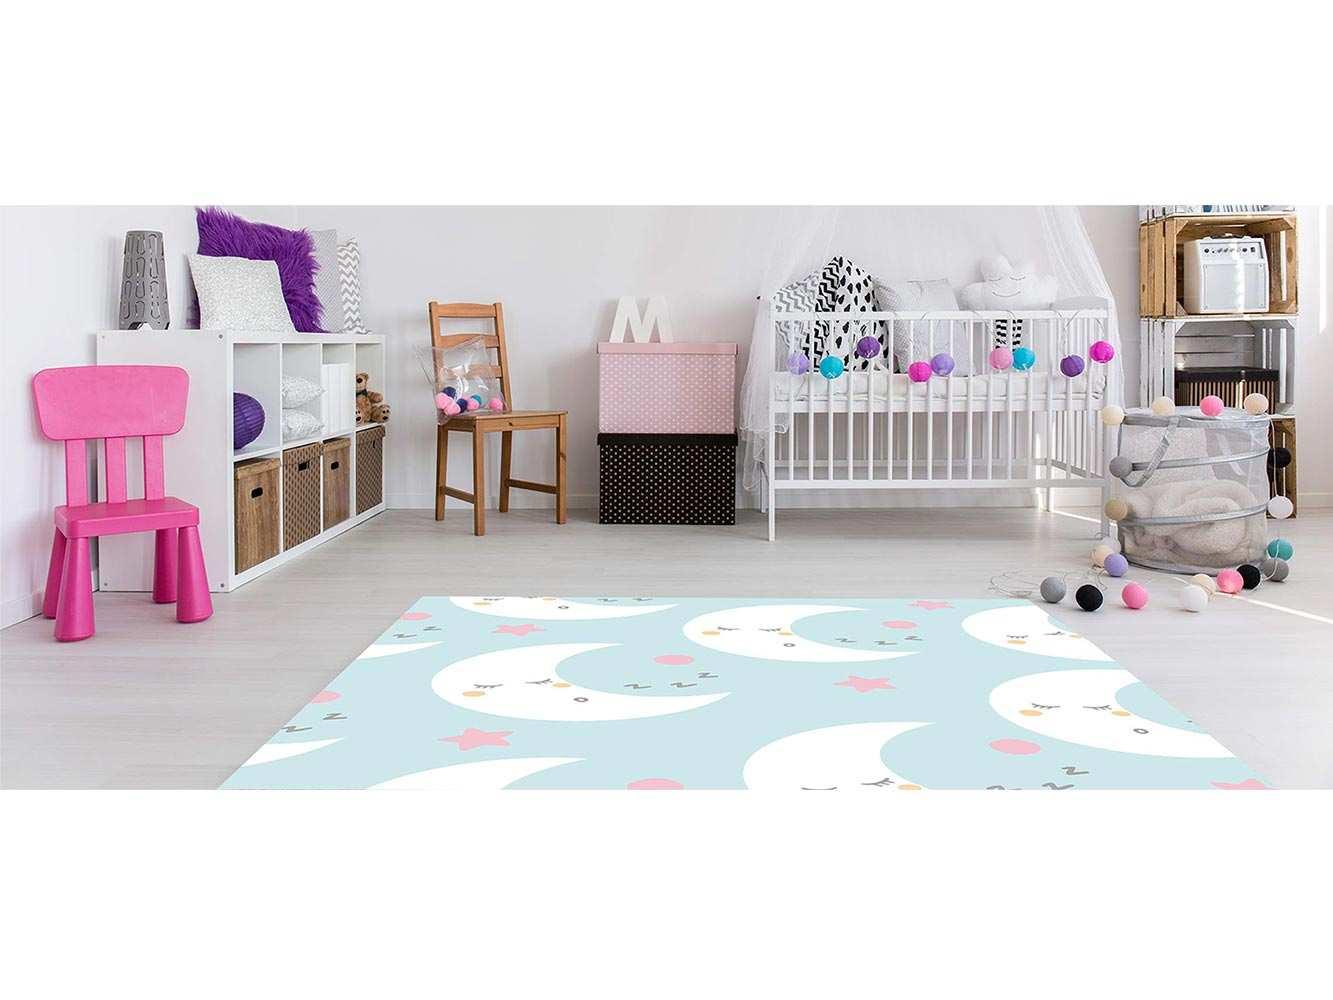 Alfombra PVC Infantil Sueños Lunas | Carteles XXL - Impresión carteleria publicitaria